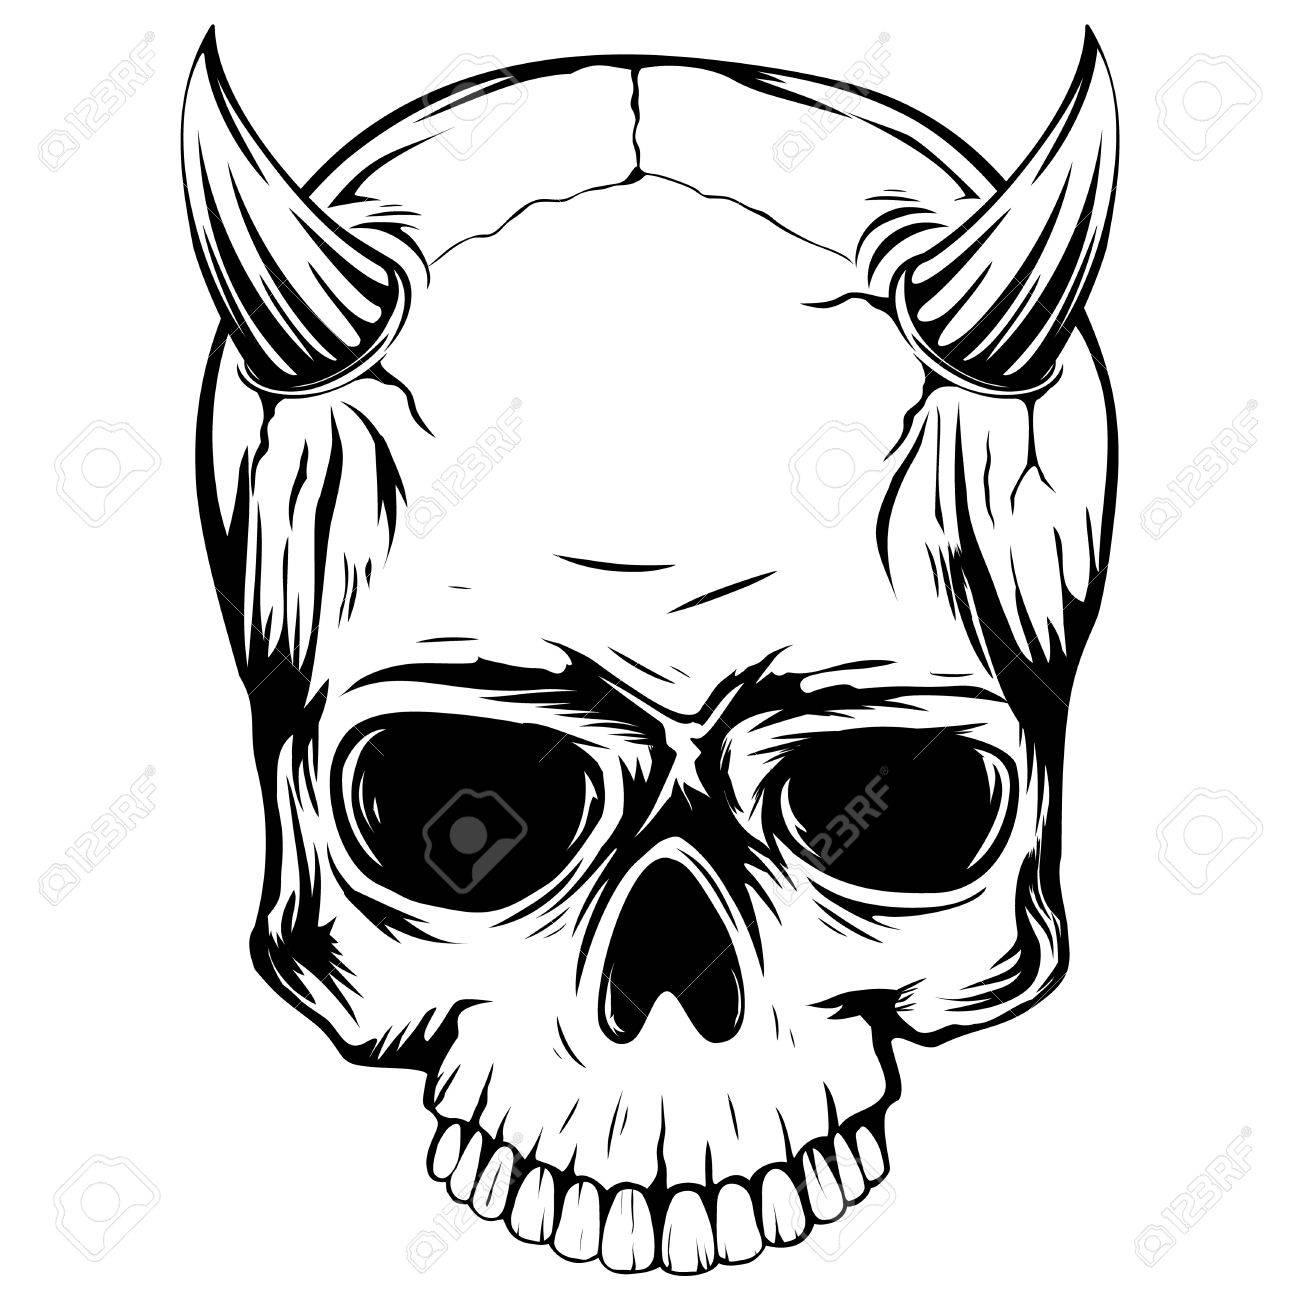 Ilustración Vectorial Abstracta Demonio Del Cráneo En Blanco Y Negro